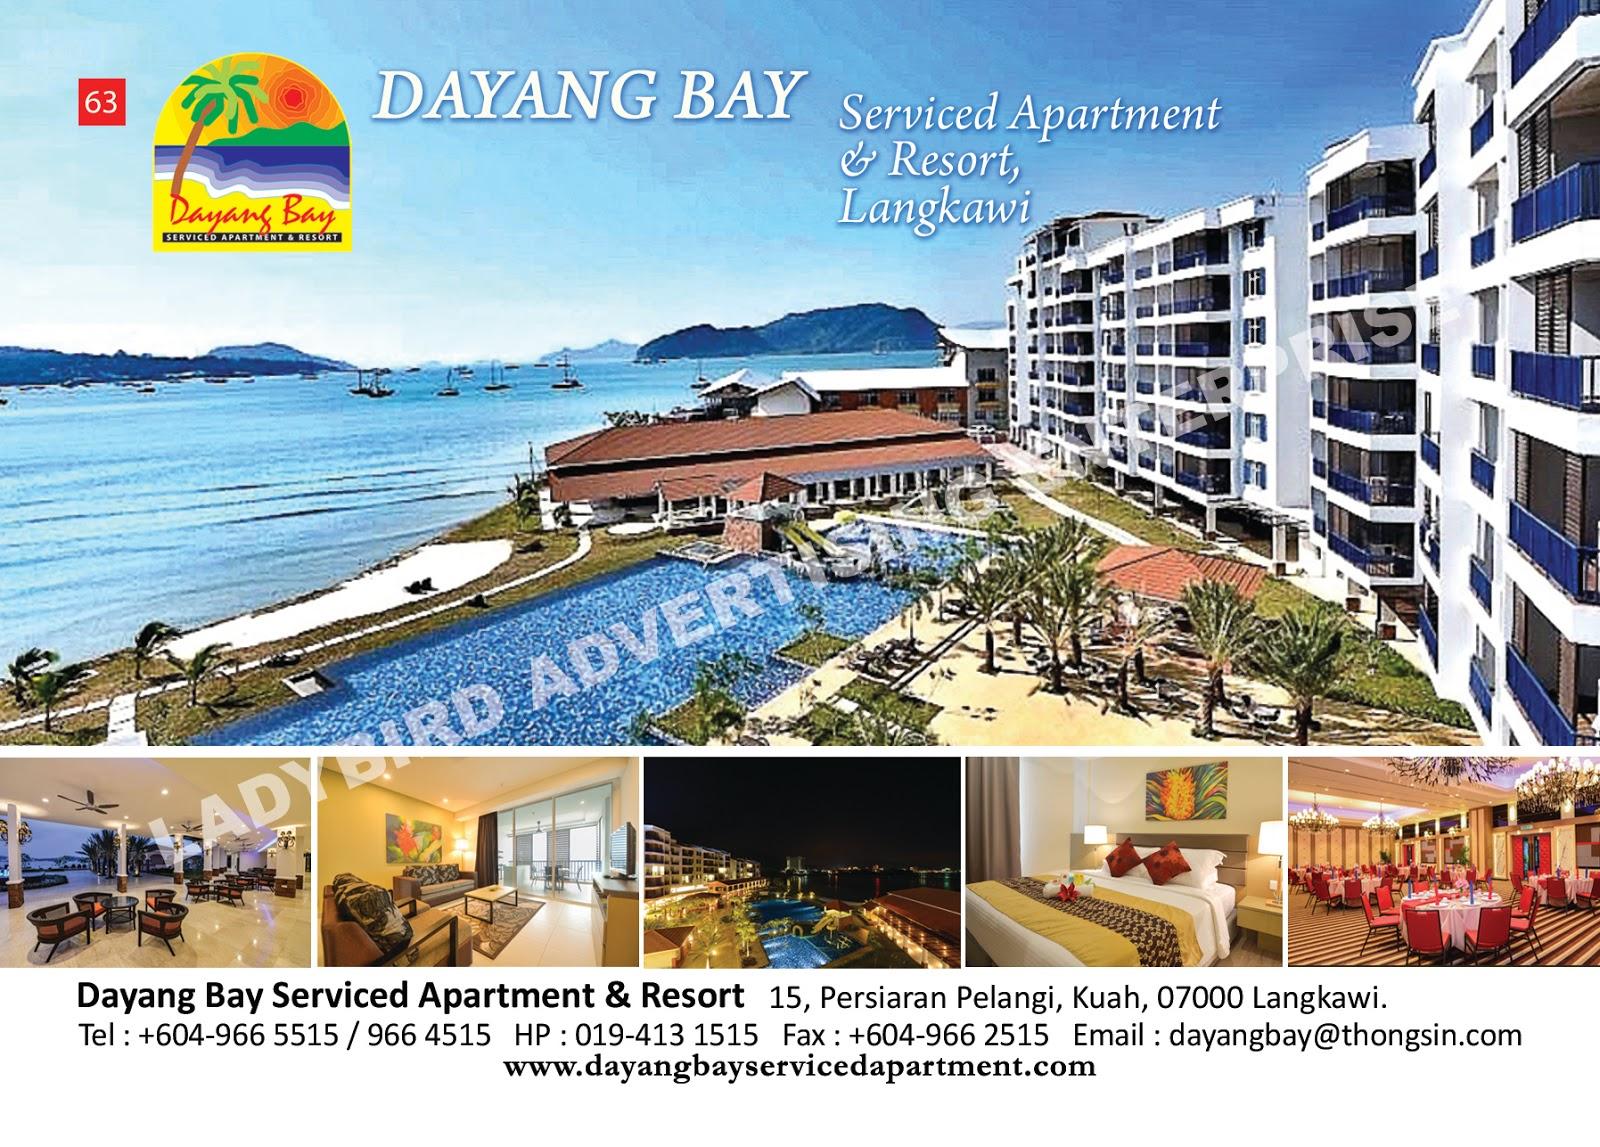 Langkawi Hotspot: Dayang Bay Serviced Apartment & Resort, Langkawi